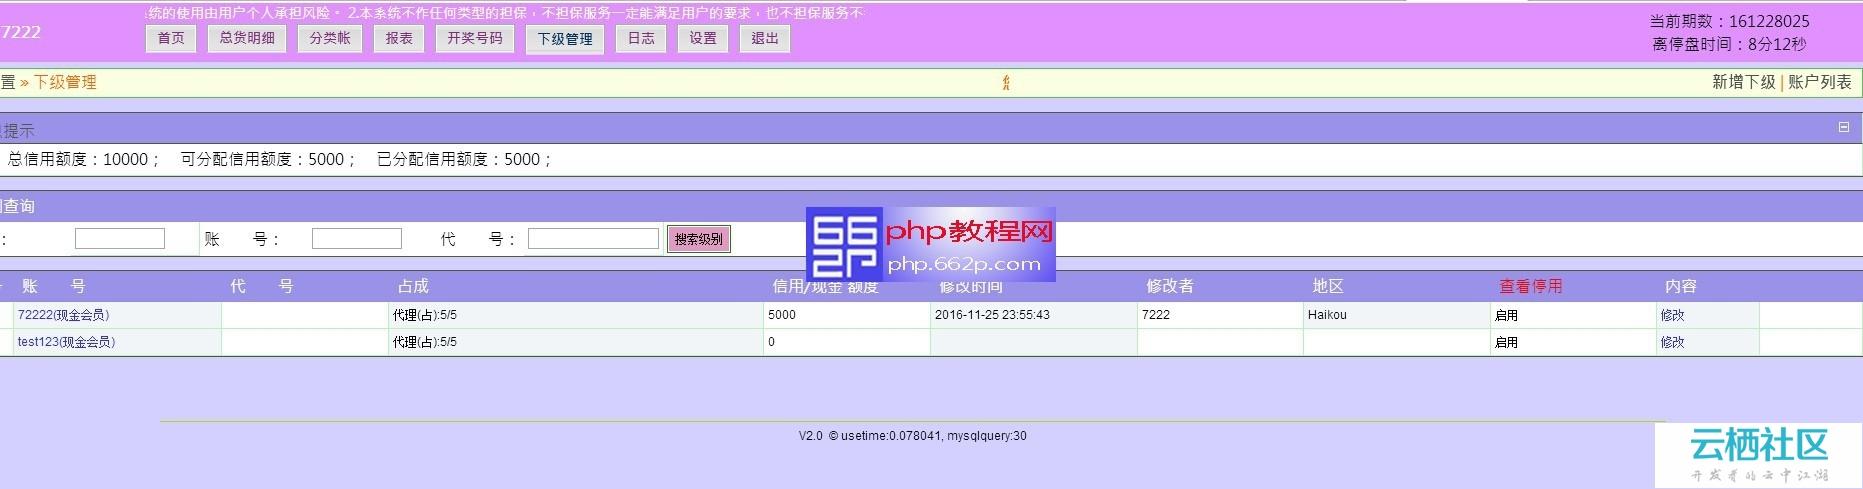 七星彩网站代码出售,100%开源,纯代码出卖-